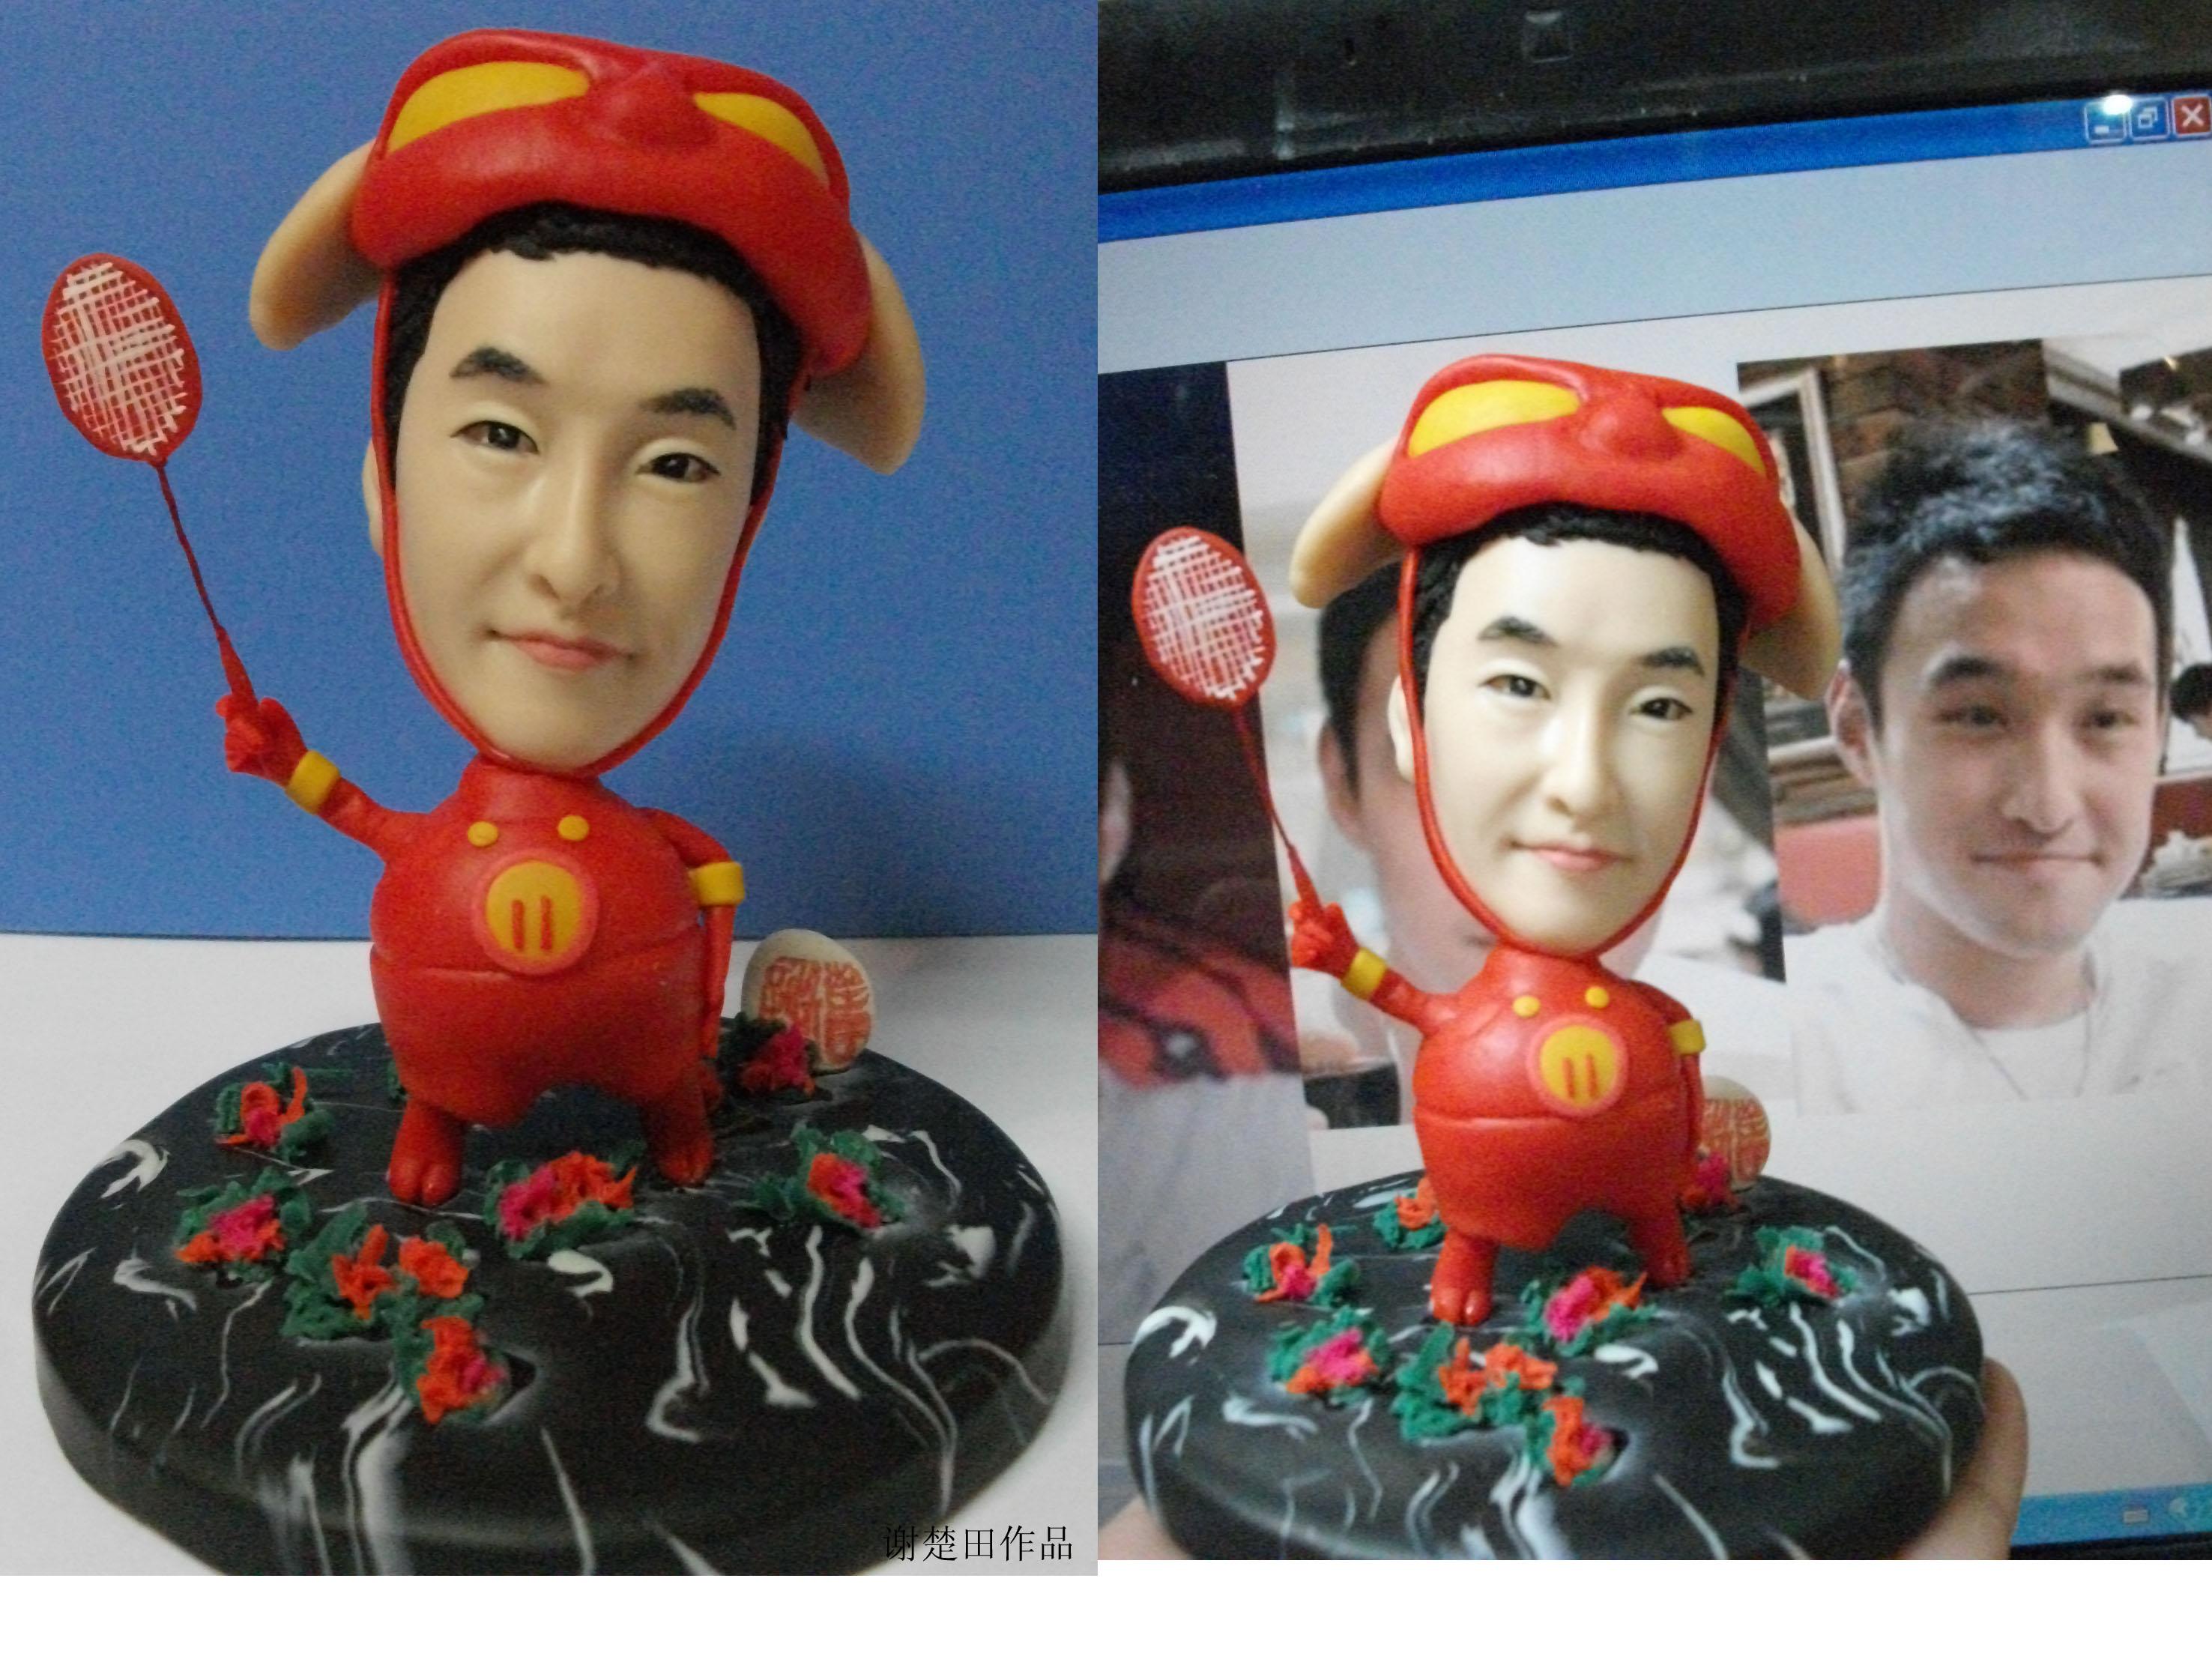 http://www.chutiangift.com/uploads/140618/5-14061Q1531B50.jpg_肖像,q版人像,q版公仔|其他|其他|xiechutian - 原创